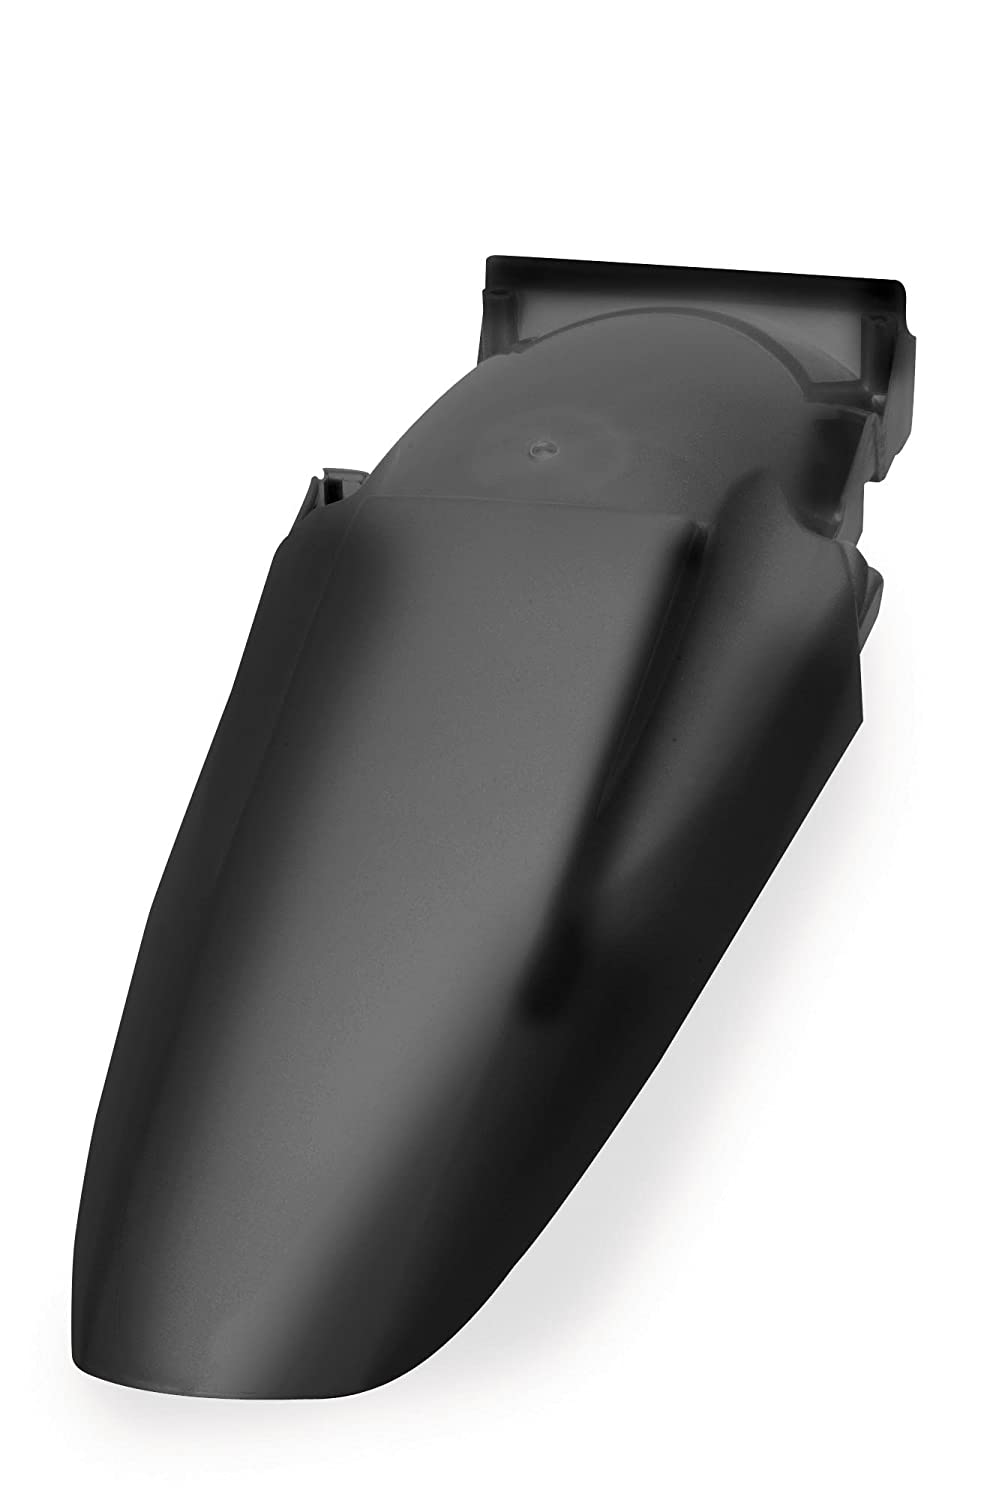 Black Acerbis 04-05 Kawasaki KX250F Rear Fender